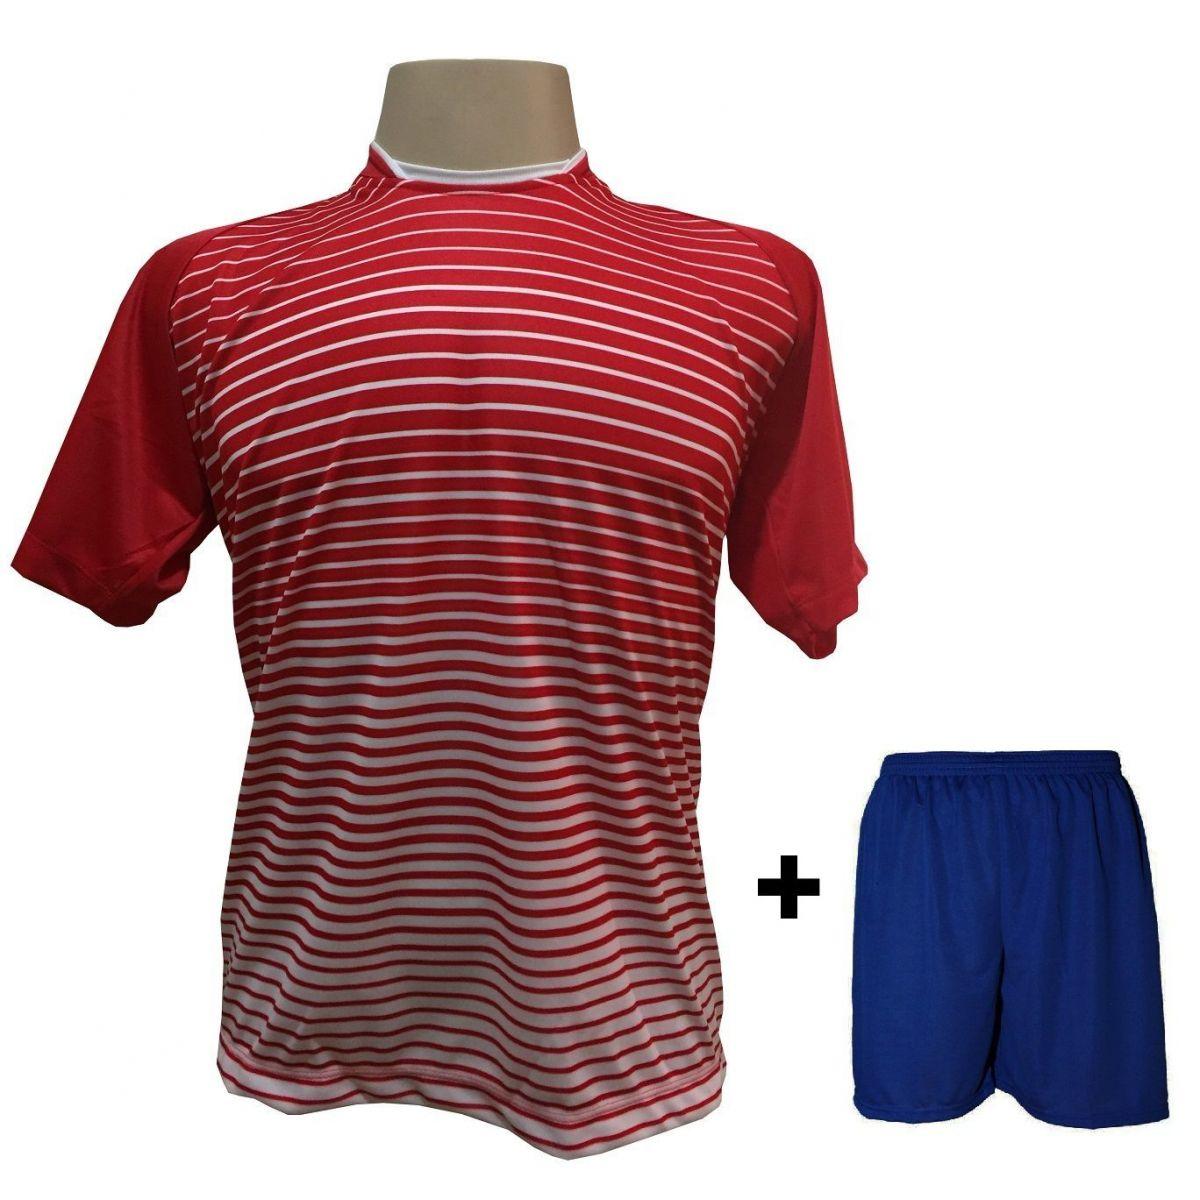 Uniforme Esportivo com 18 camisas modelo City Vermelho/Branco + 18 calções modelo Madrid + 1 Goleiro + Brindes